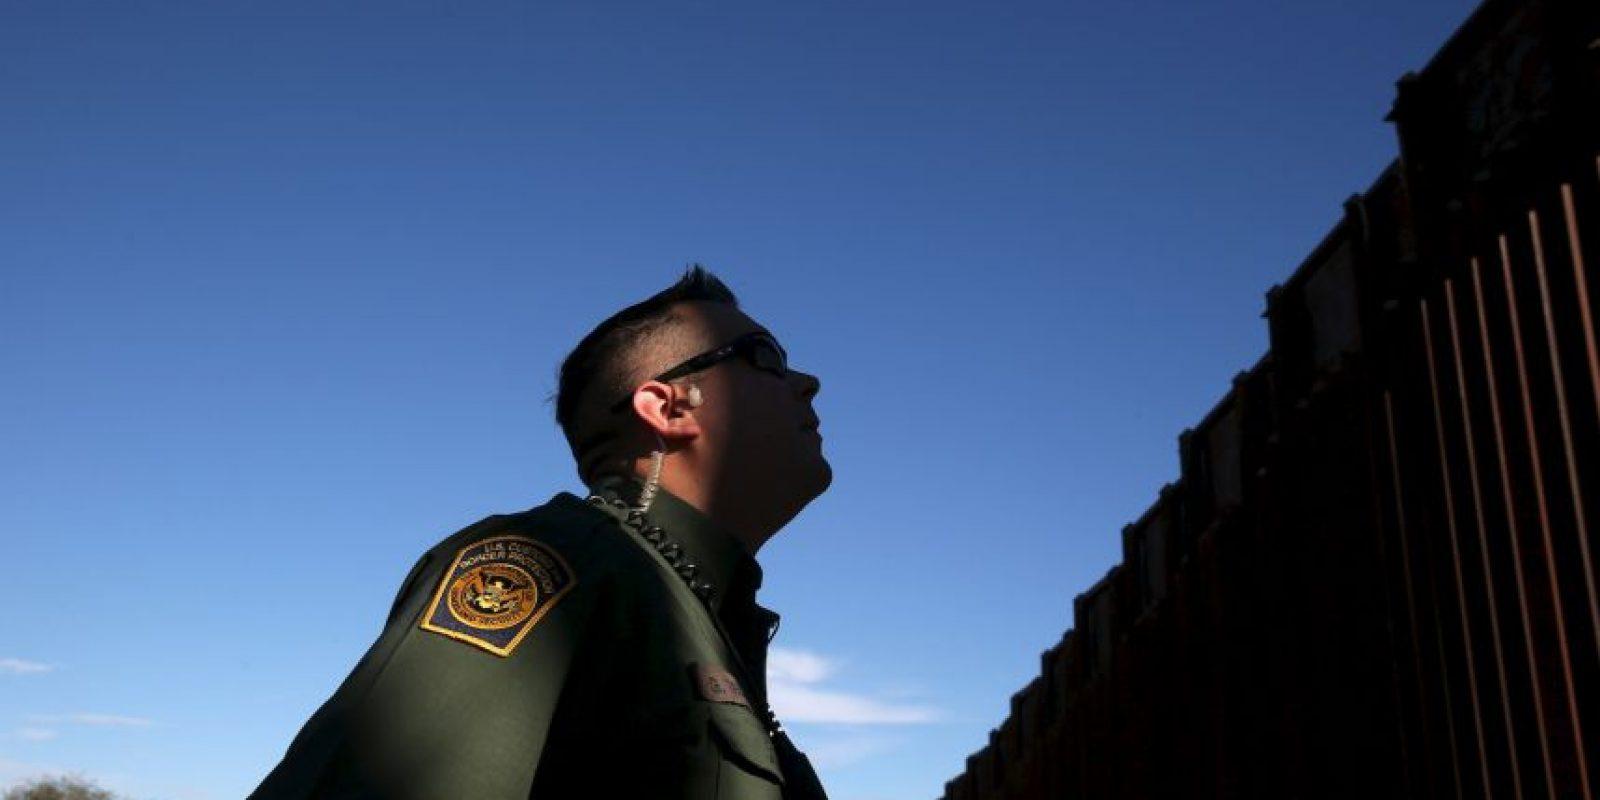 Los países también deben aprobar leyes para desmontar las redes de traficantes, afirmó la OIM. Foto:Getty Images